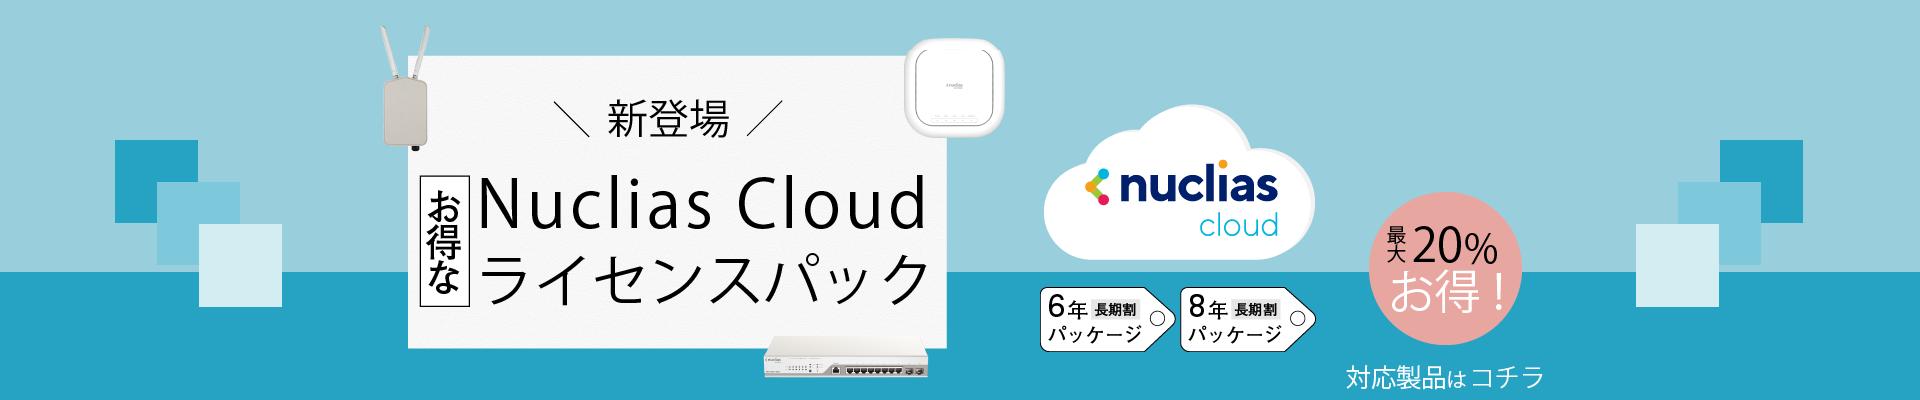 Nuclias Cloud対応のWi-Fi製品とスイッチ製品に、お得な長期割引パッケージが登場しました。